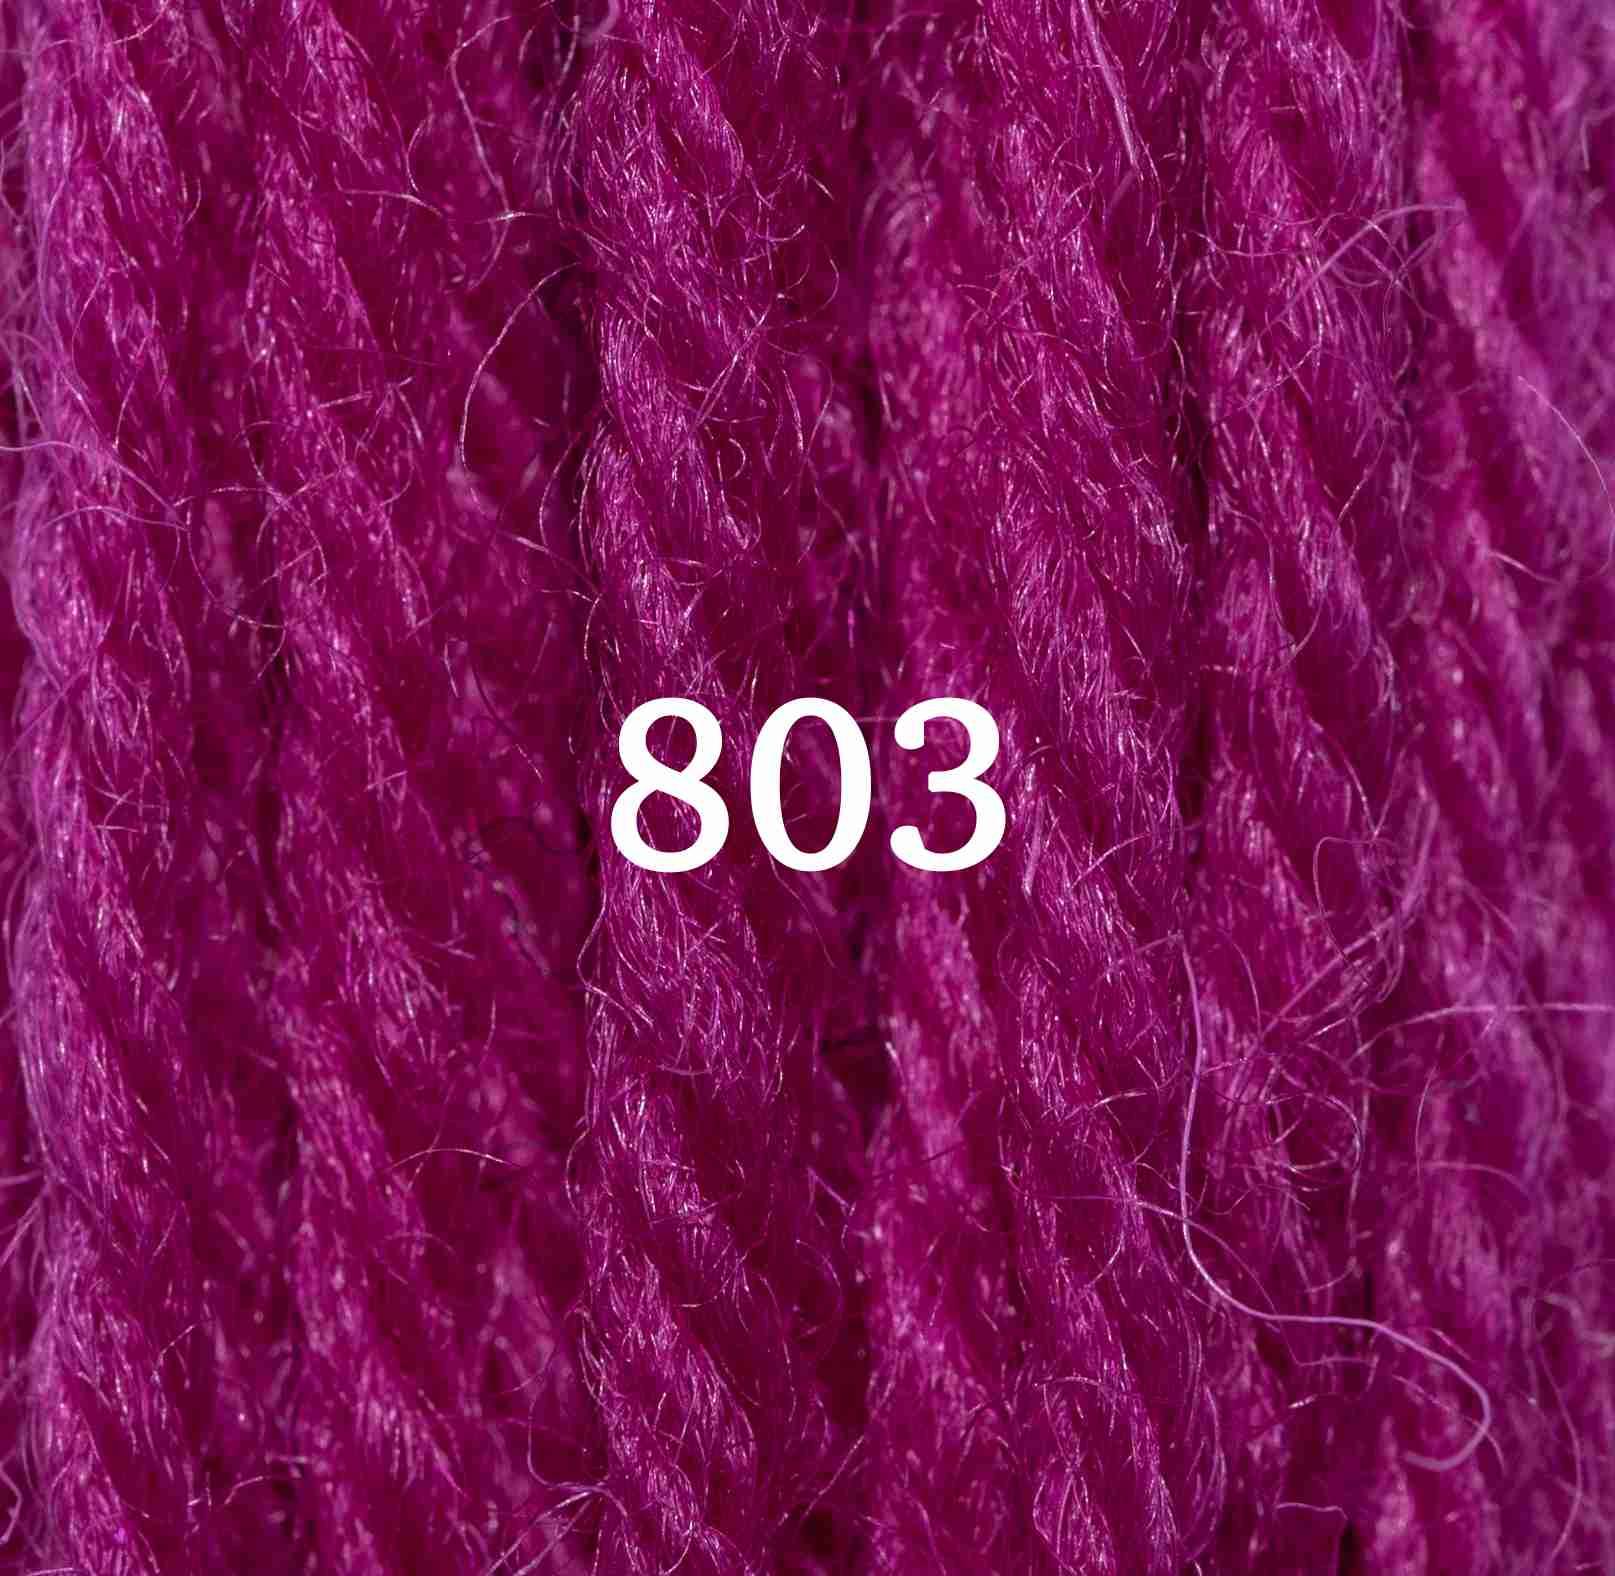 Fuschia-803